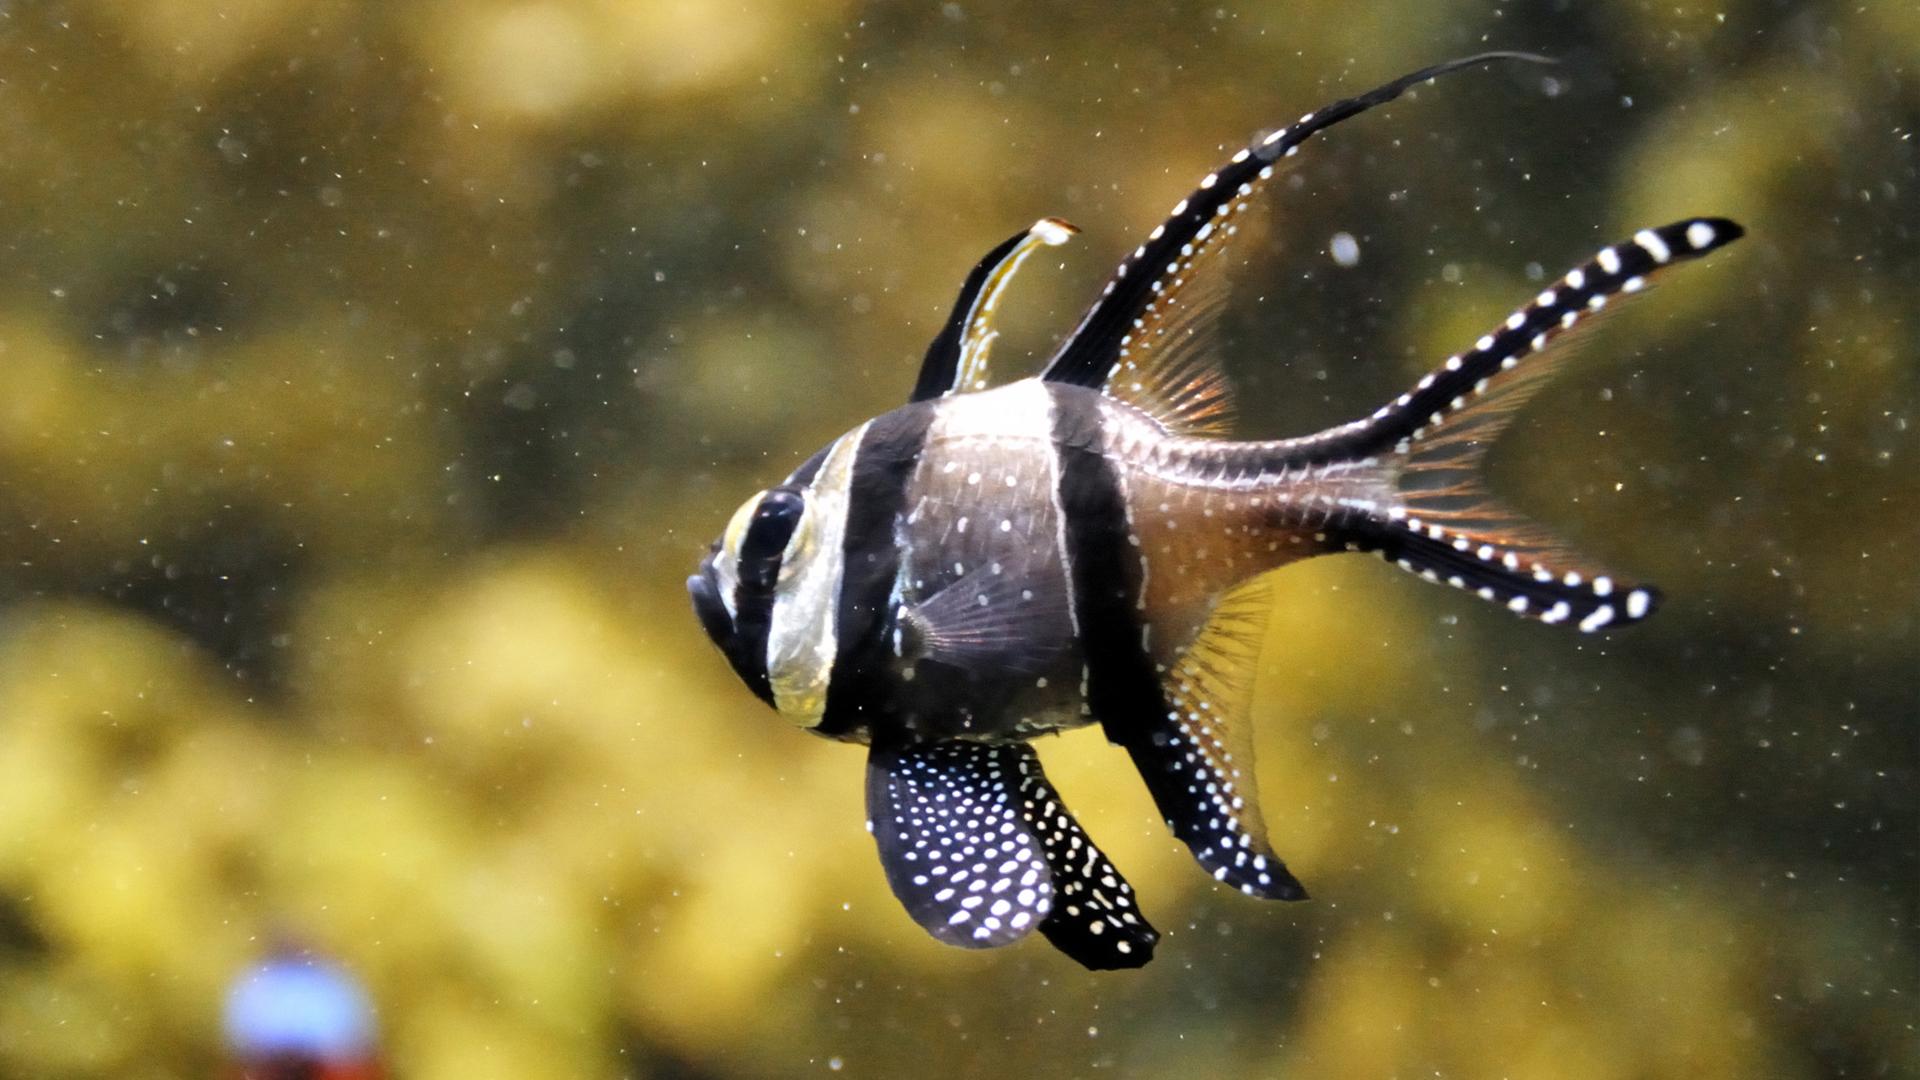 banggai cardinalfish - photo #13